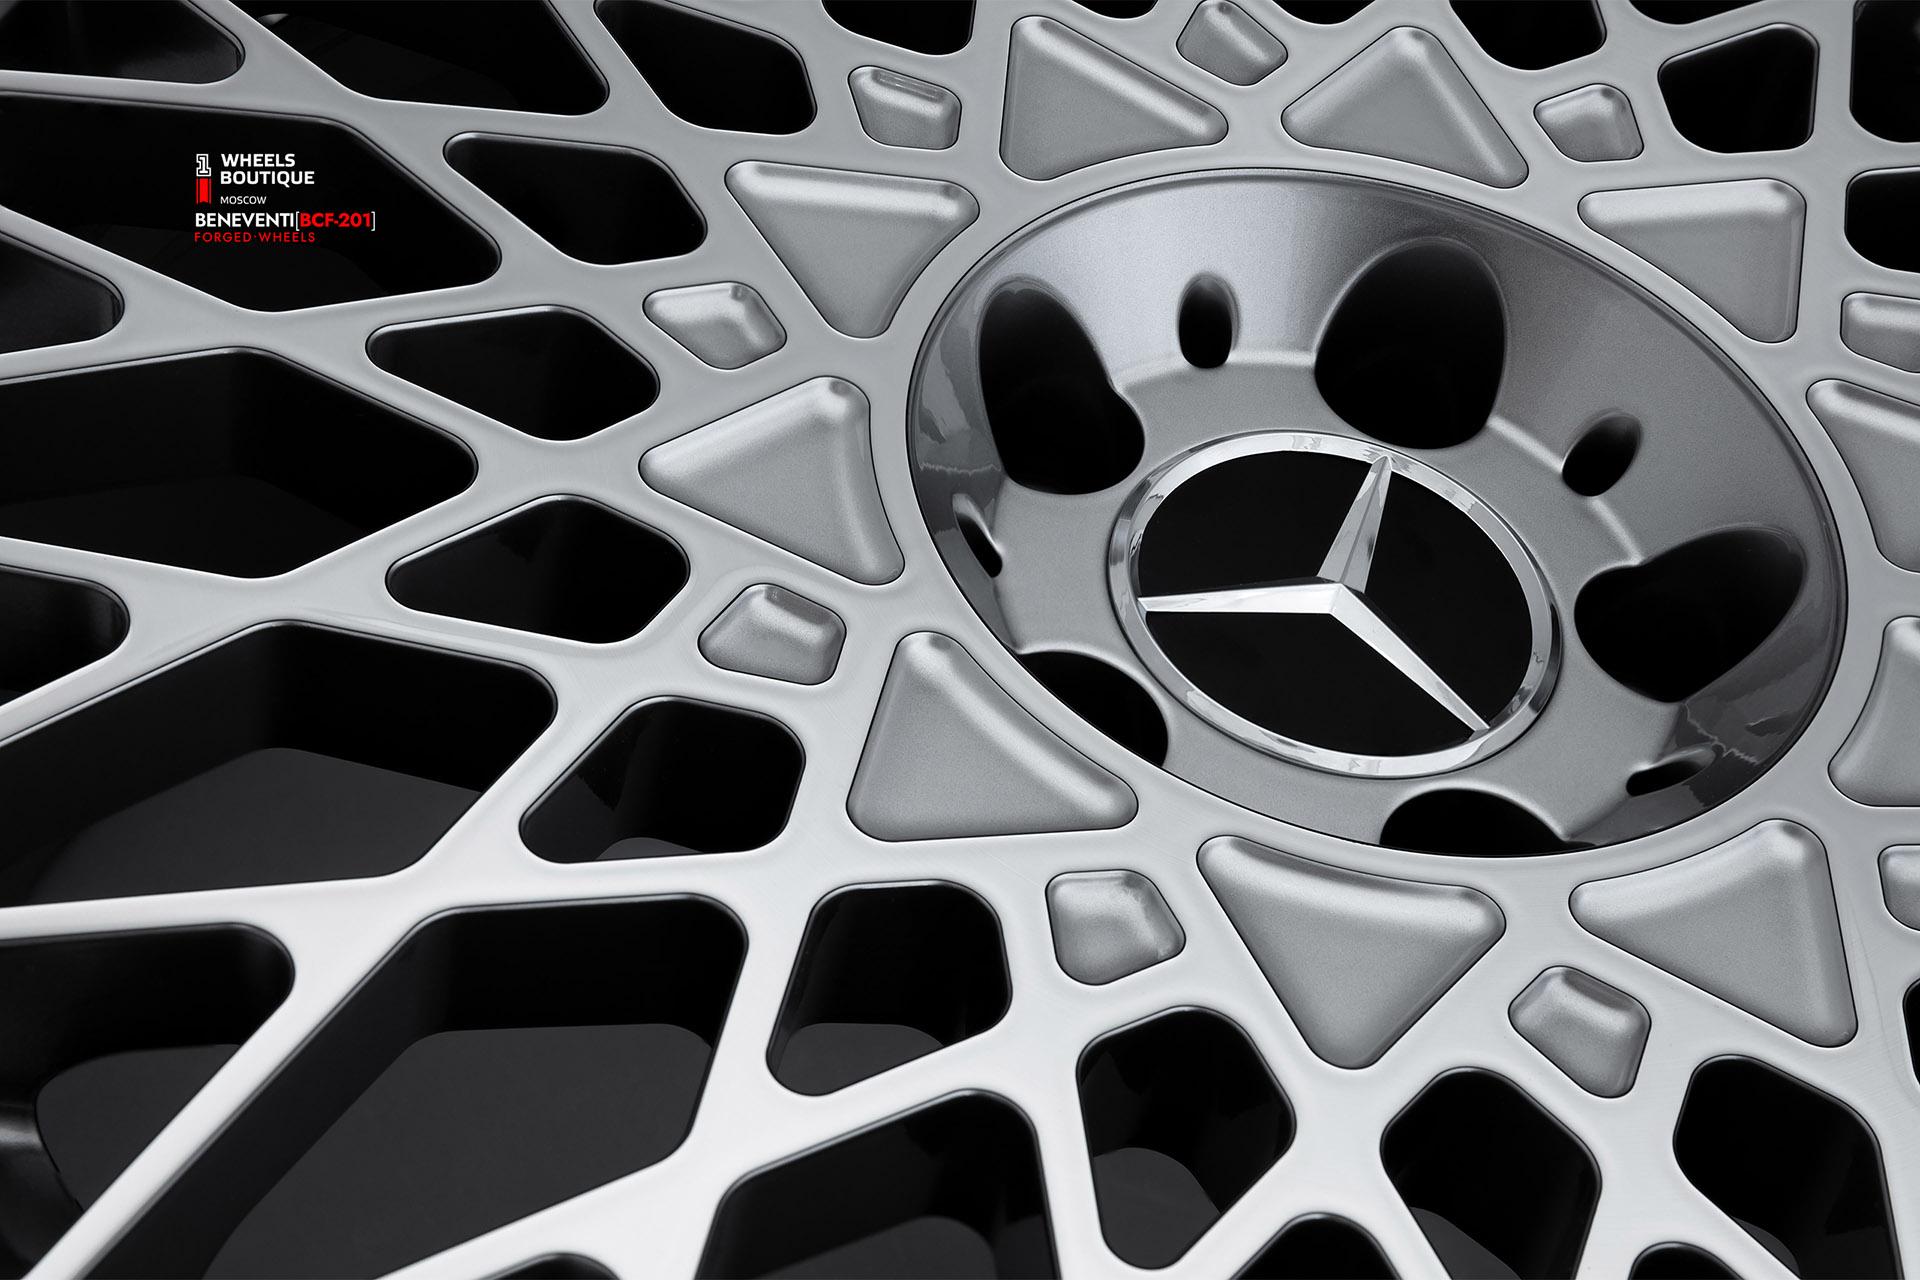 Кованые диски Beneventi Custom Forged - BCF-201